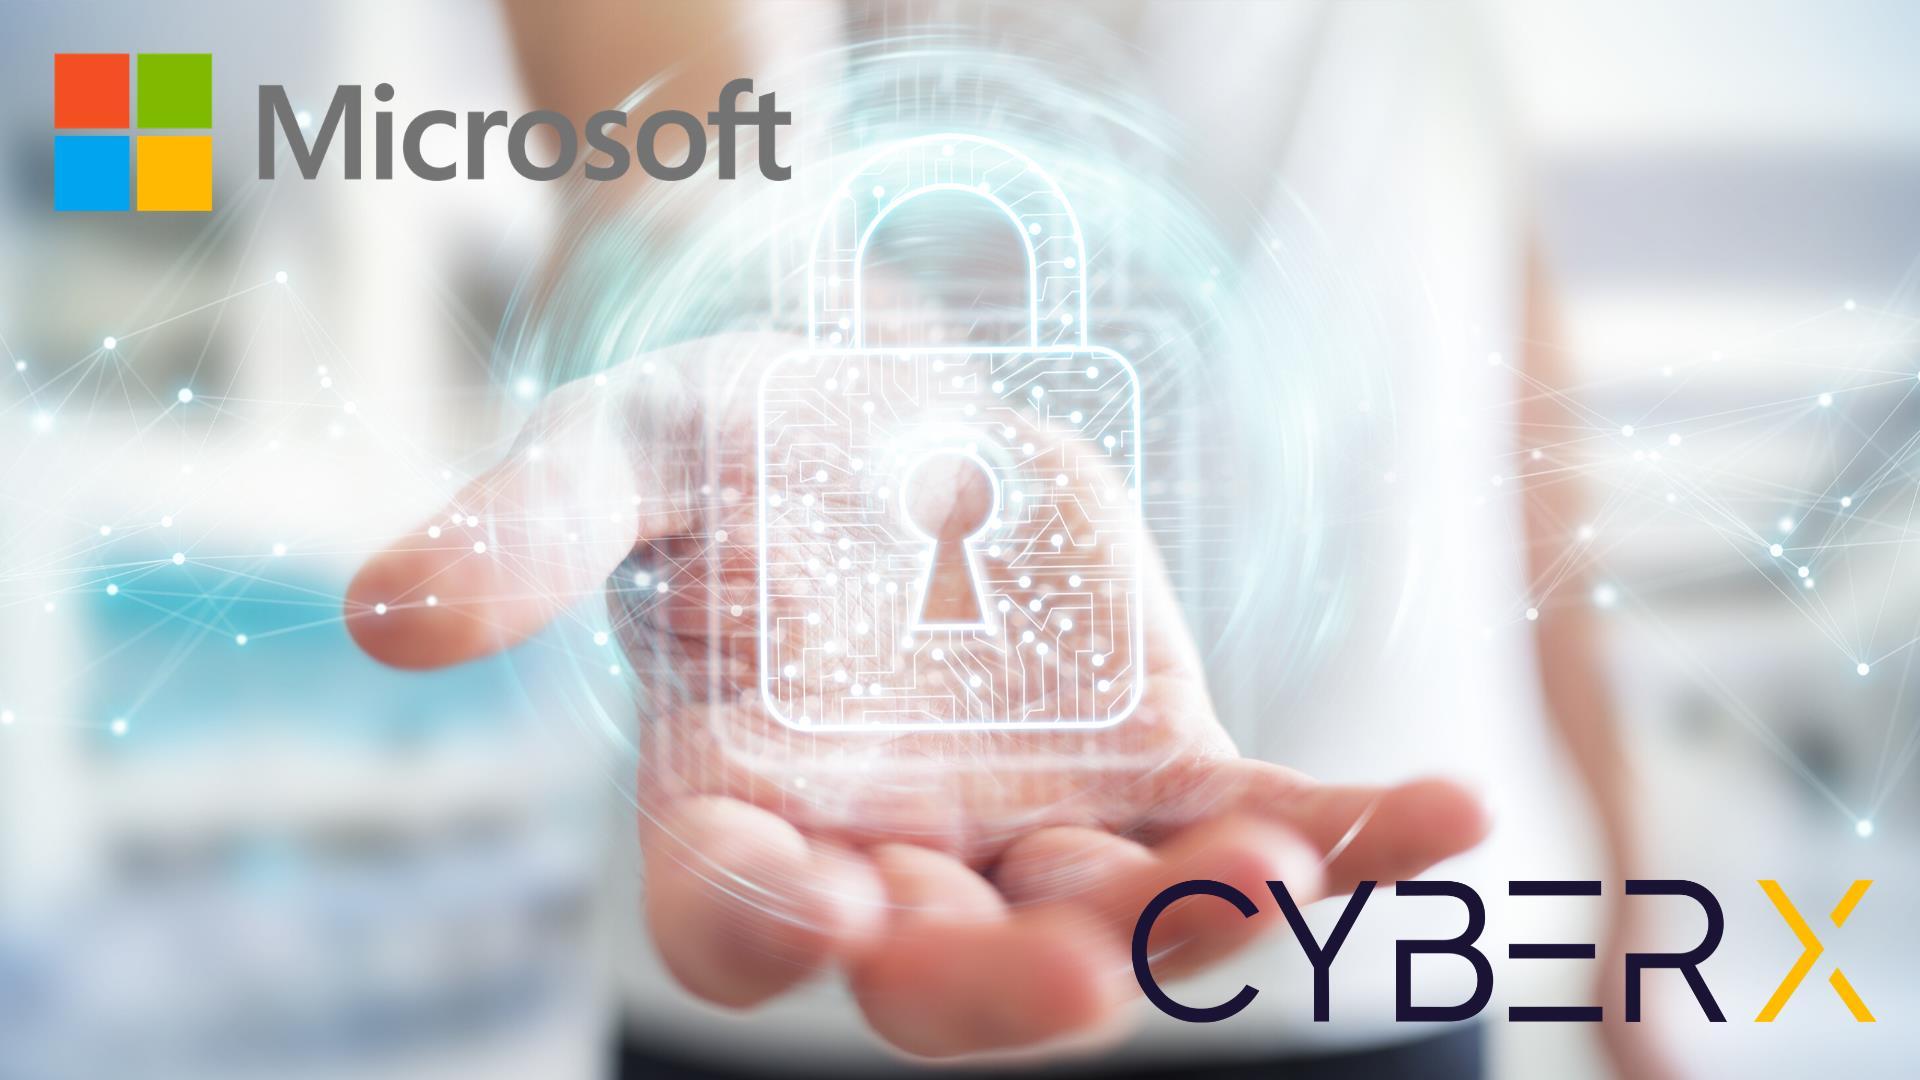 CyberX Artık Bir Microsoft Şirketi